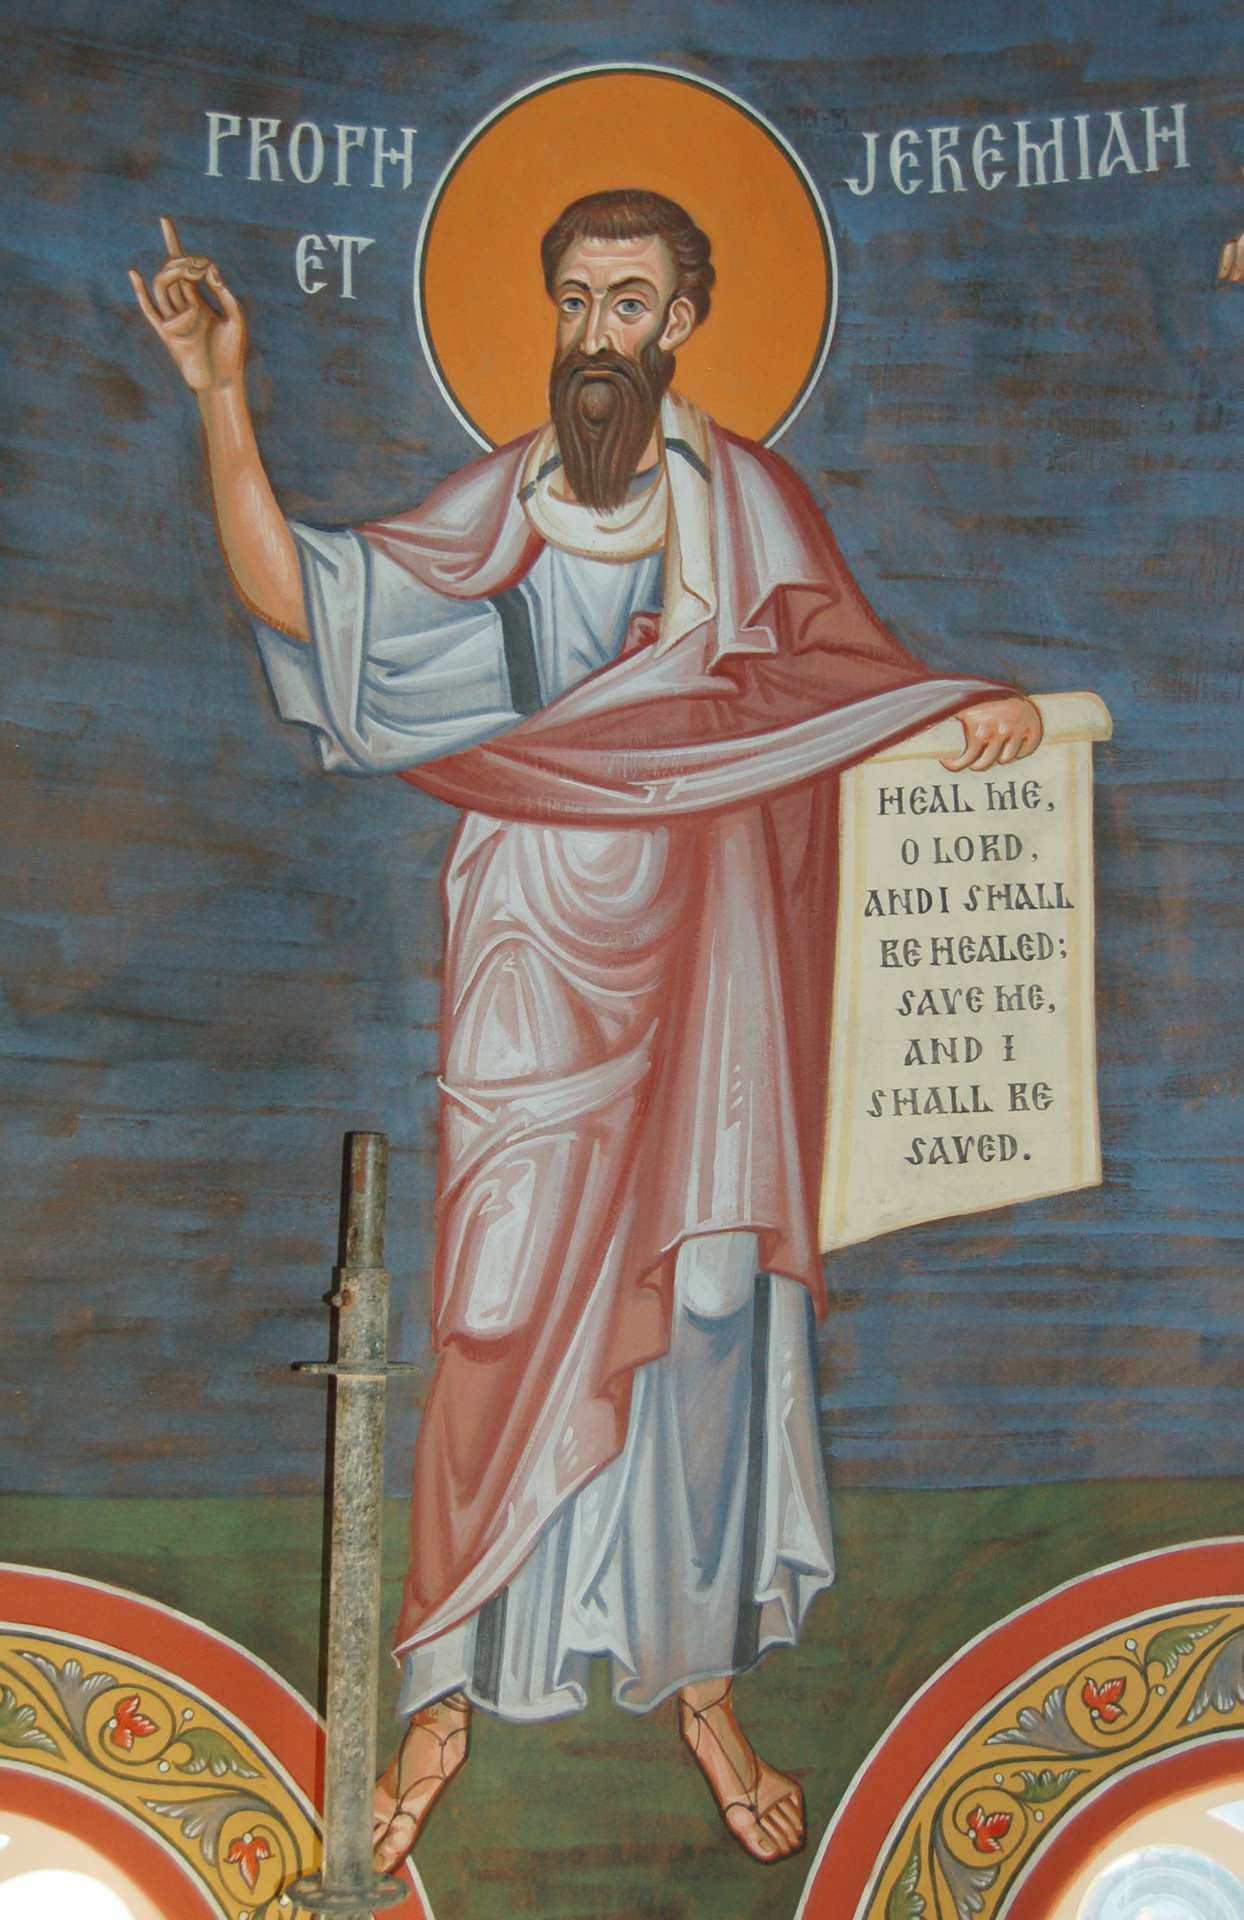 Risultati immagini per icone profeta geremia